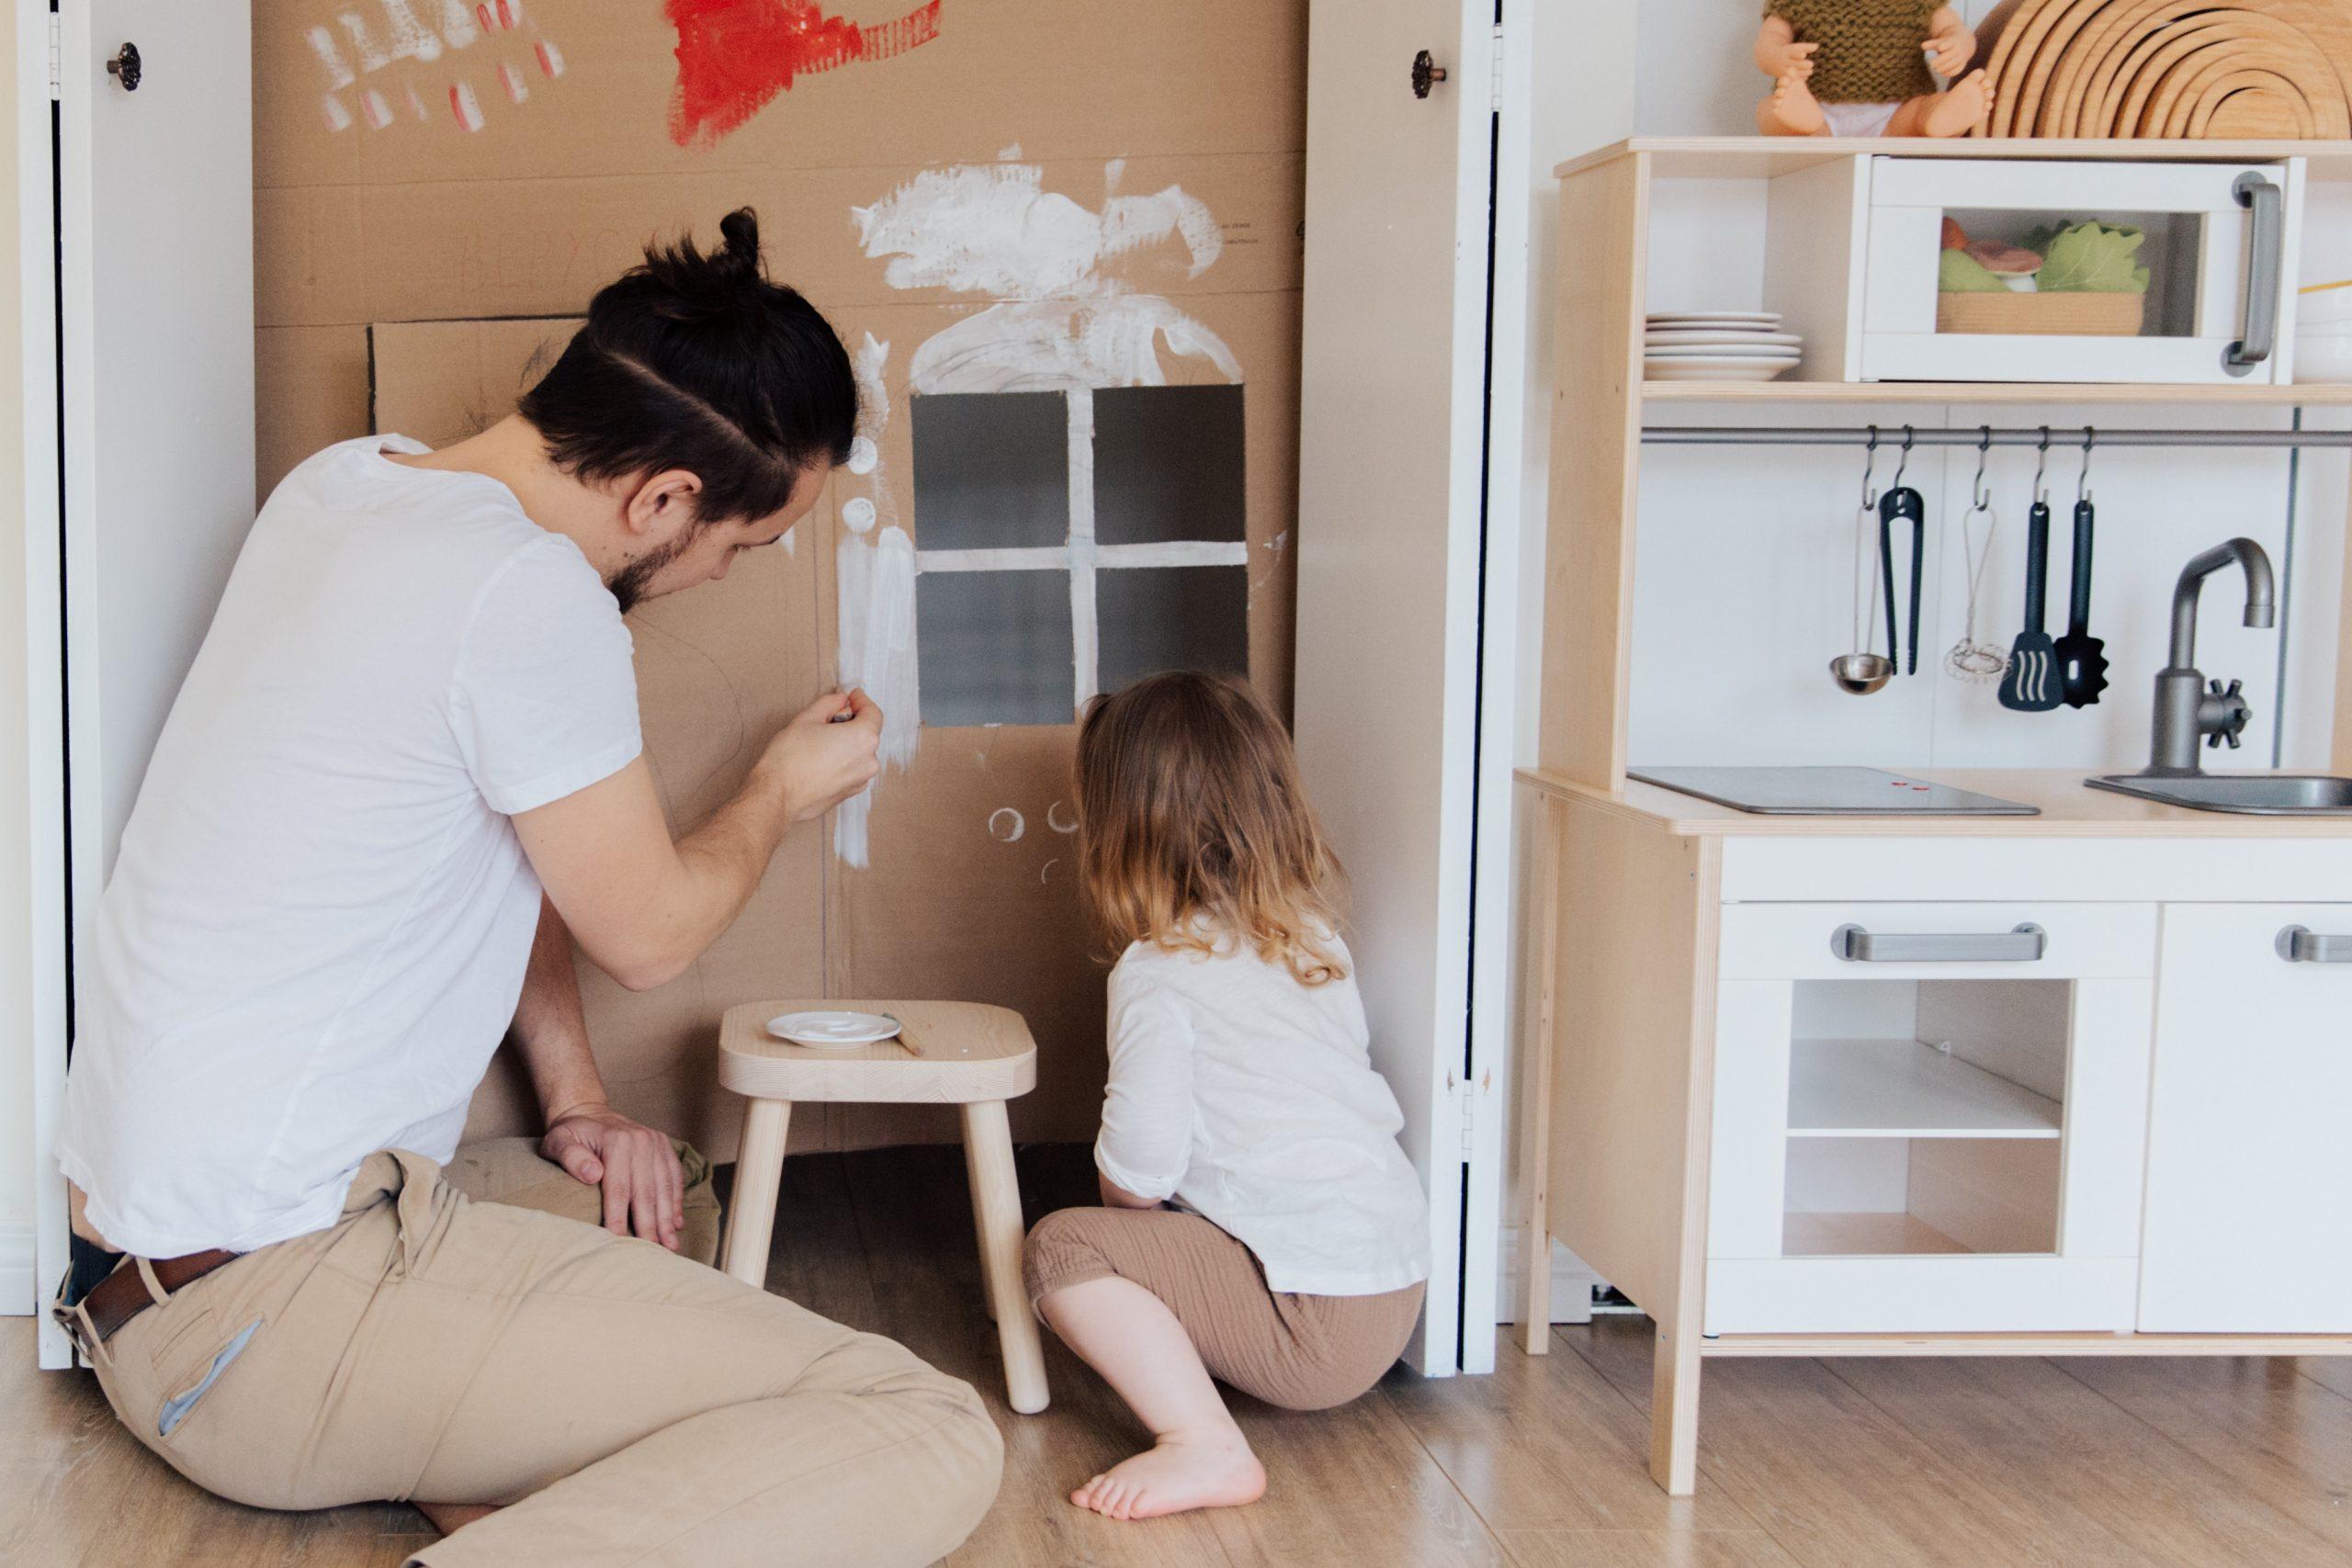 Imagem mostra pai e filha pintando juntos.